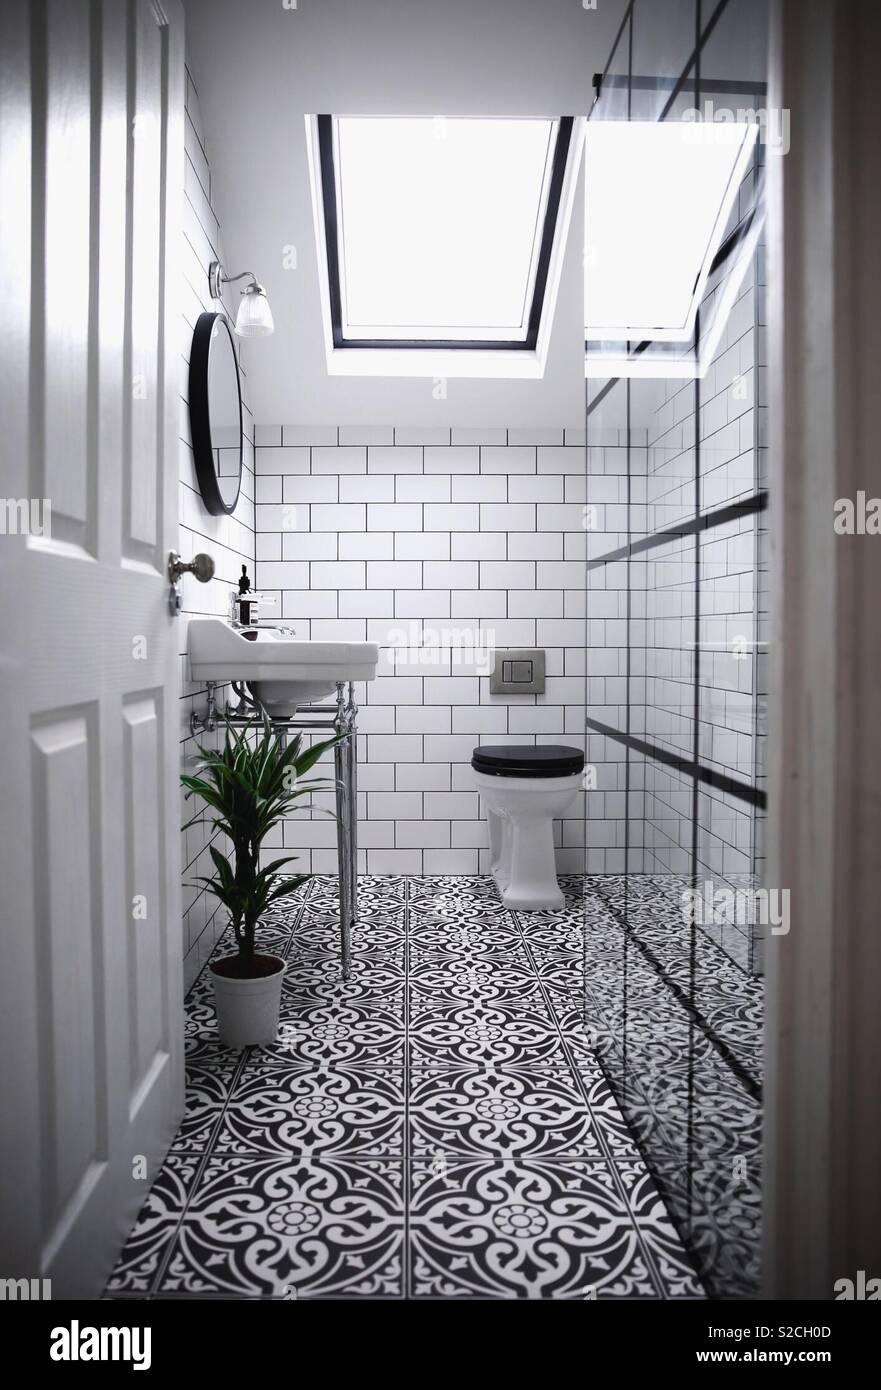 Modernes Badezimmer mit viktorianischen gemusterten Fliesen ...